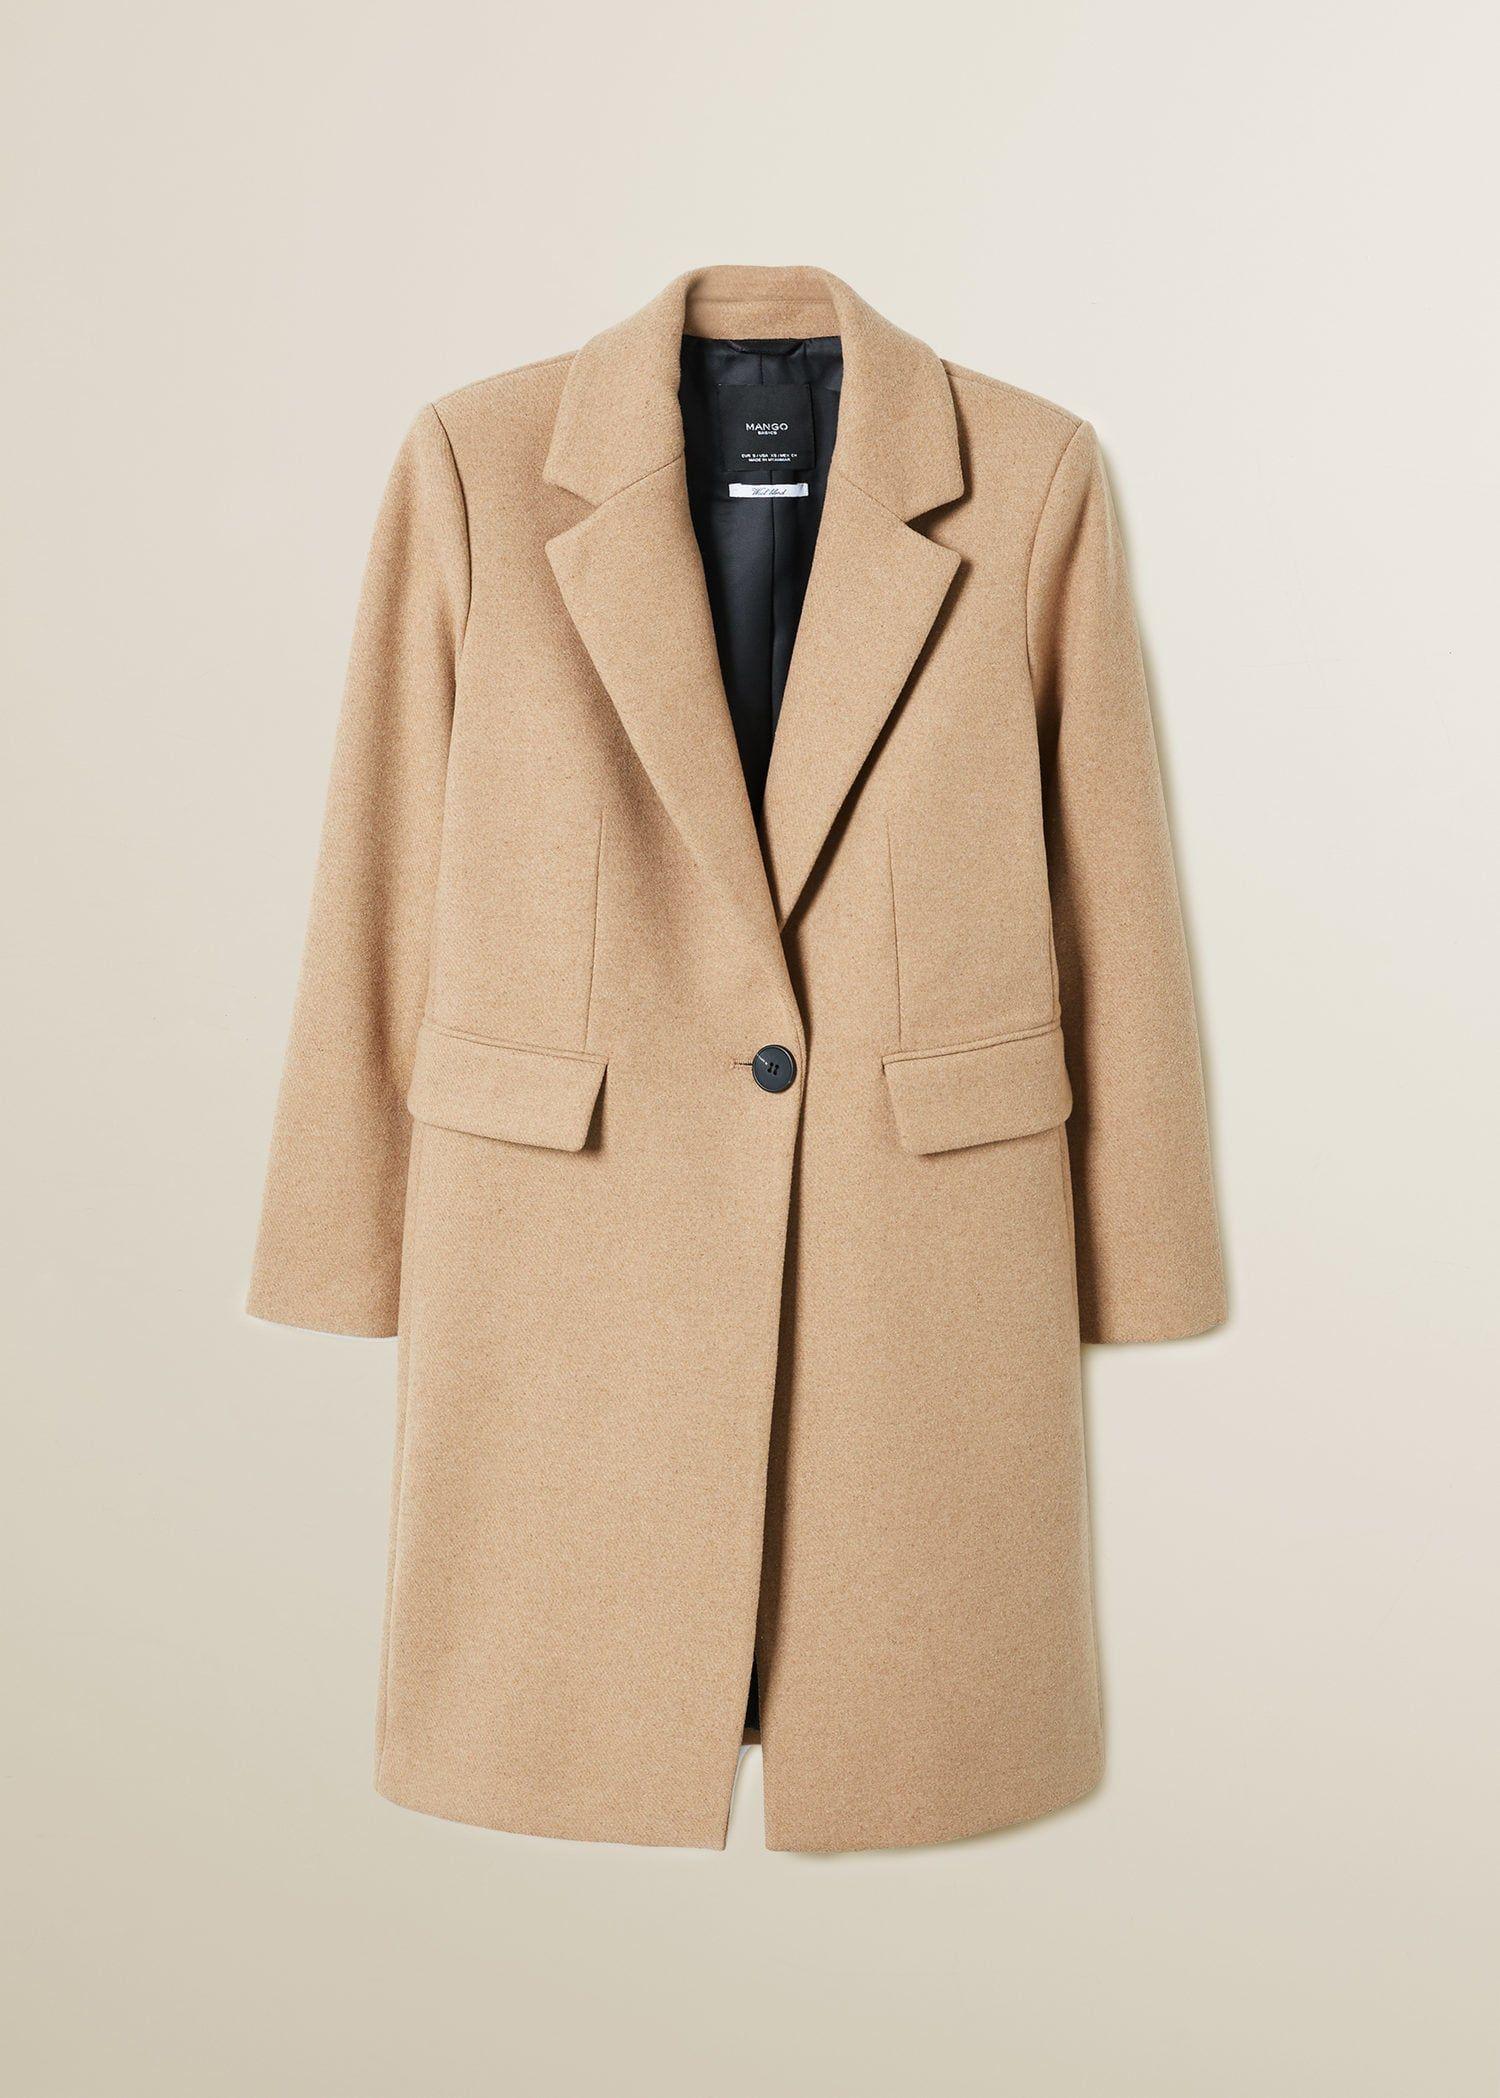 Structured wool coat Women | Wollmantel, Mango mäntel und